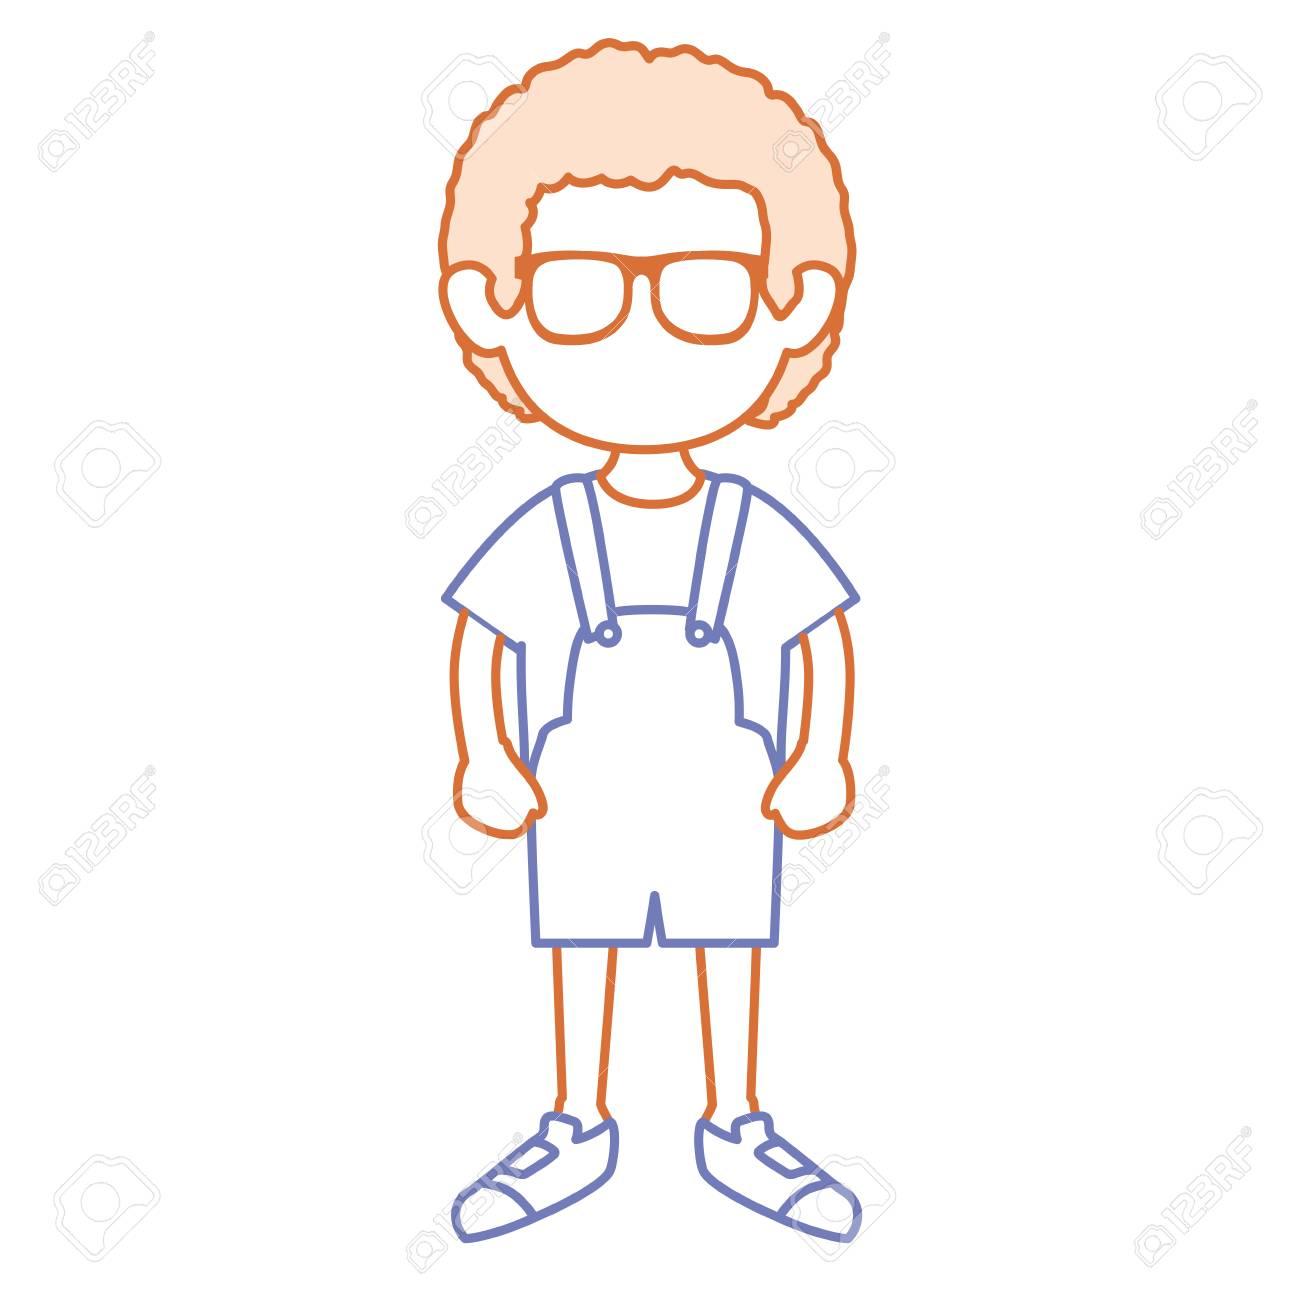 メガネ アバター文字ベクトル イラスト デザインのかわいい男の子の